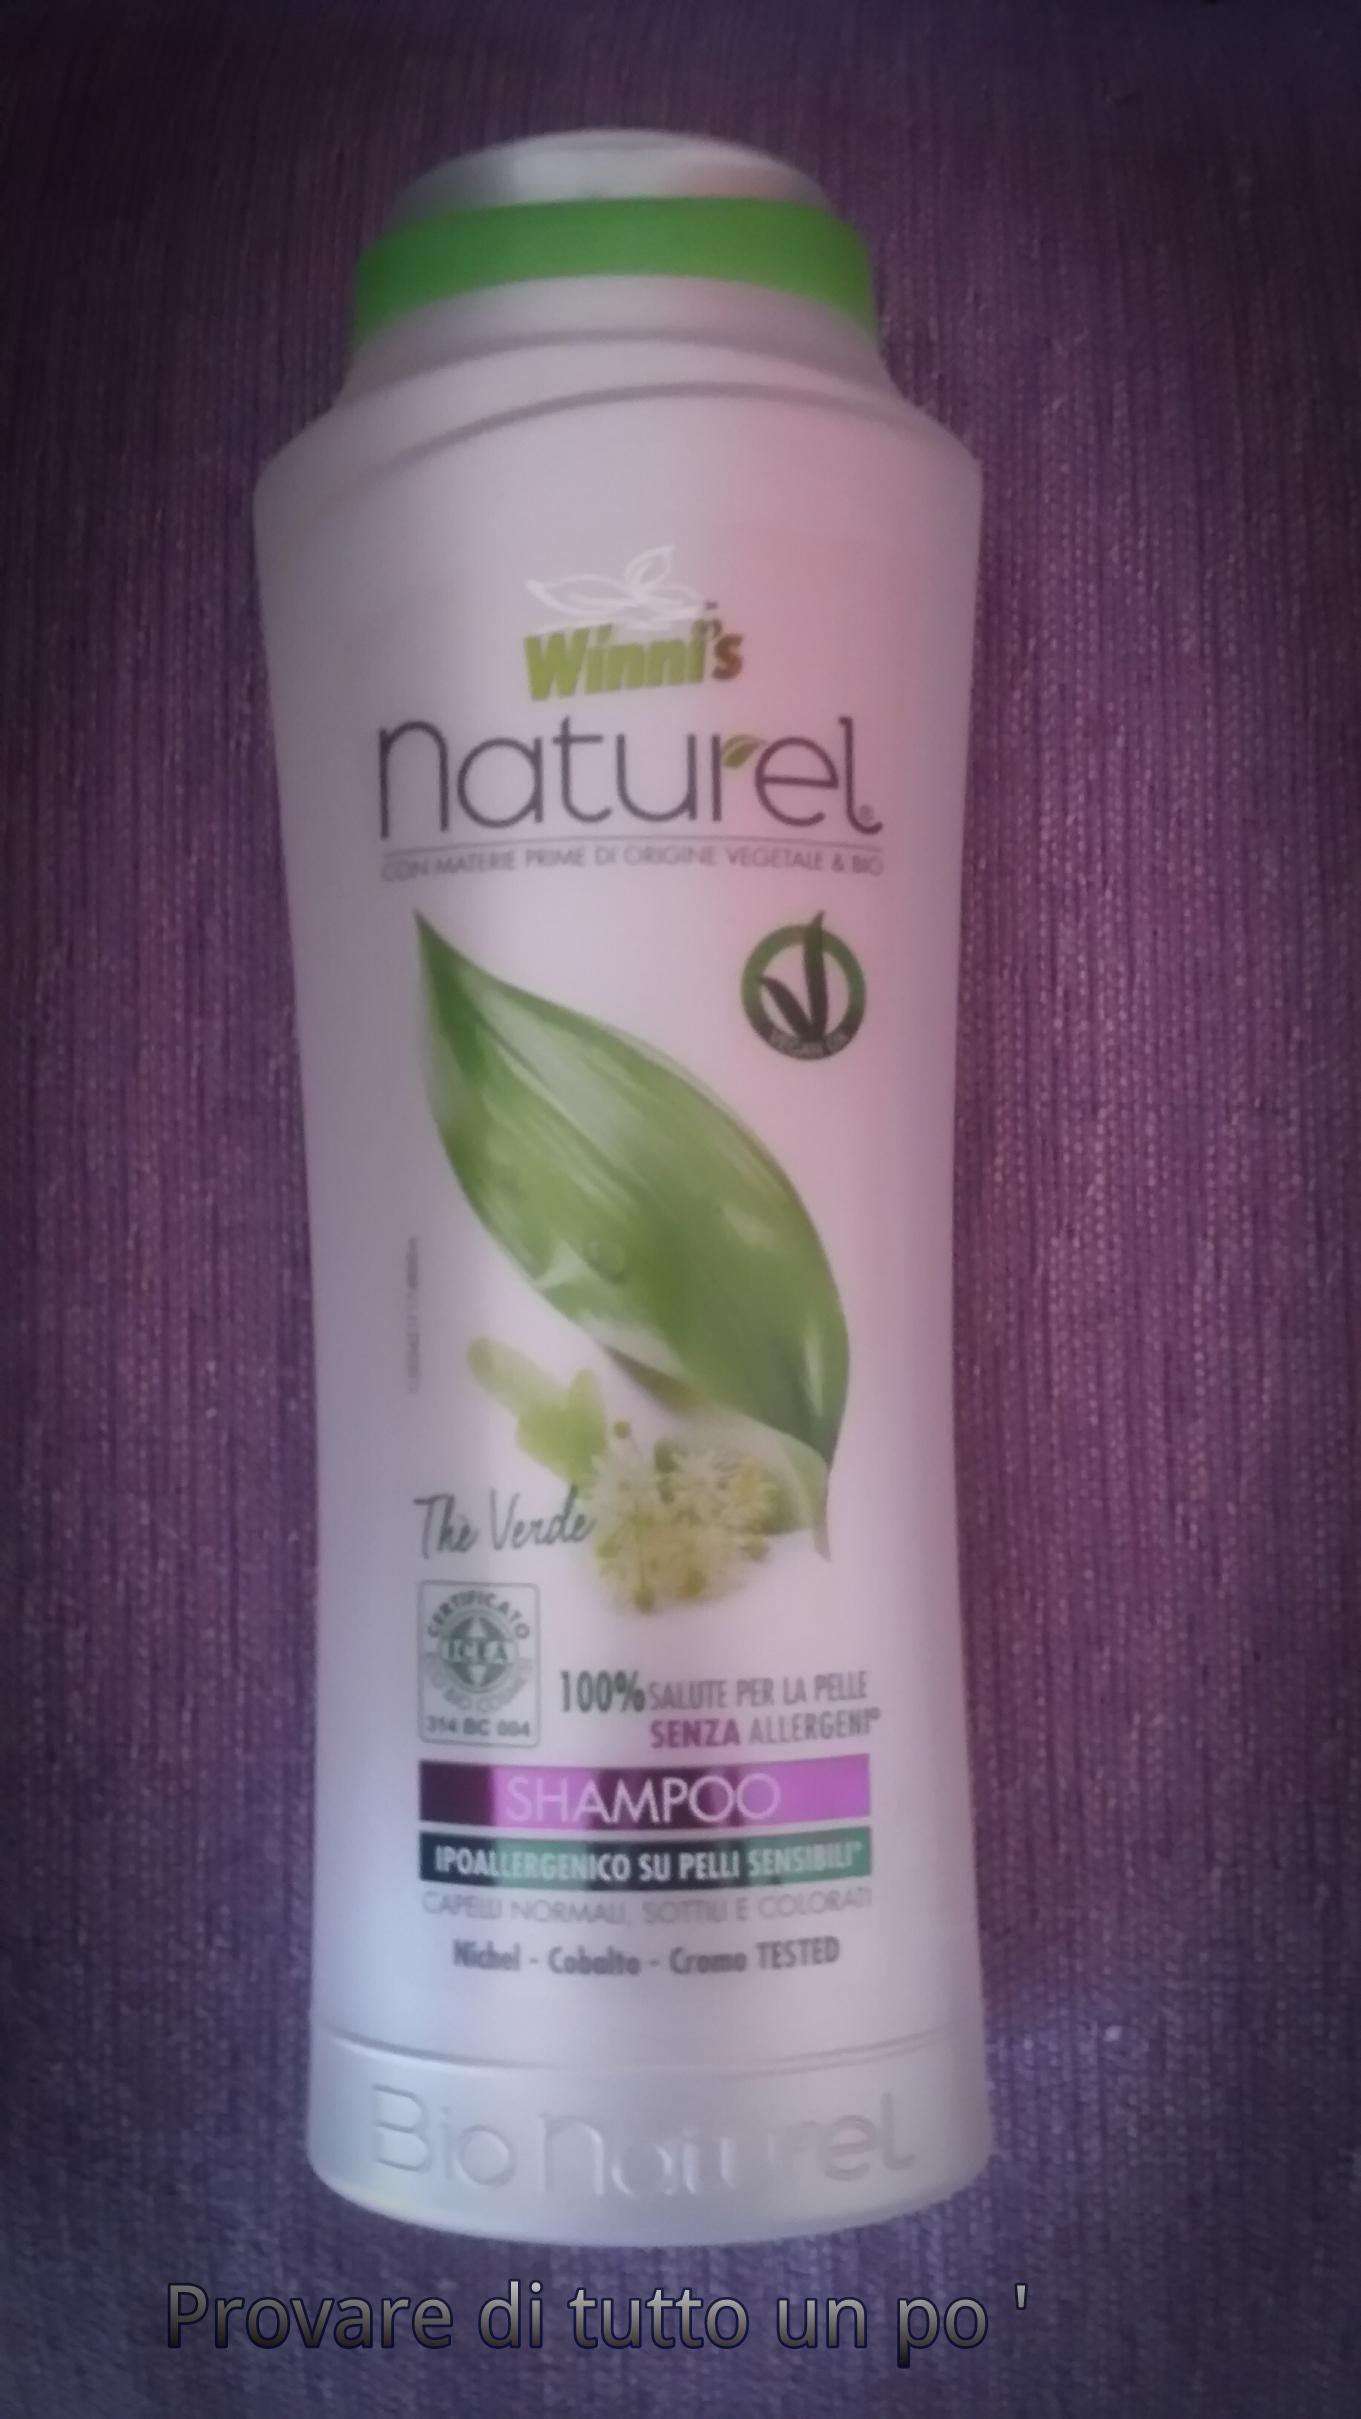 Shampoo Winni's Naturel